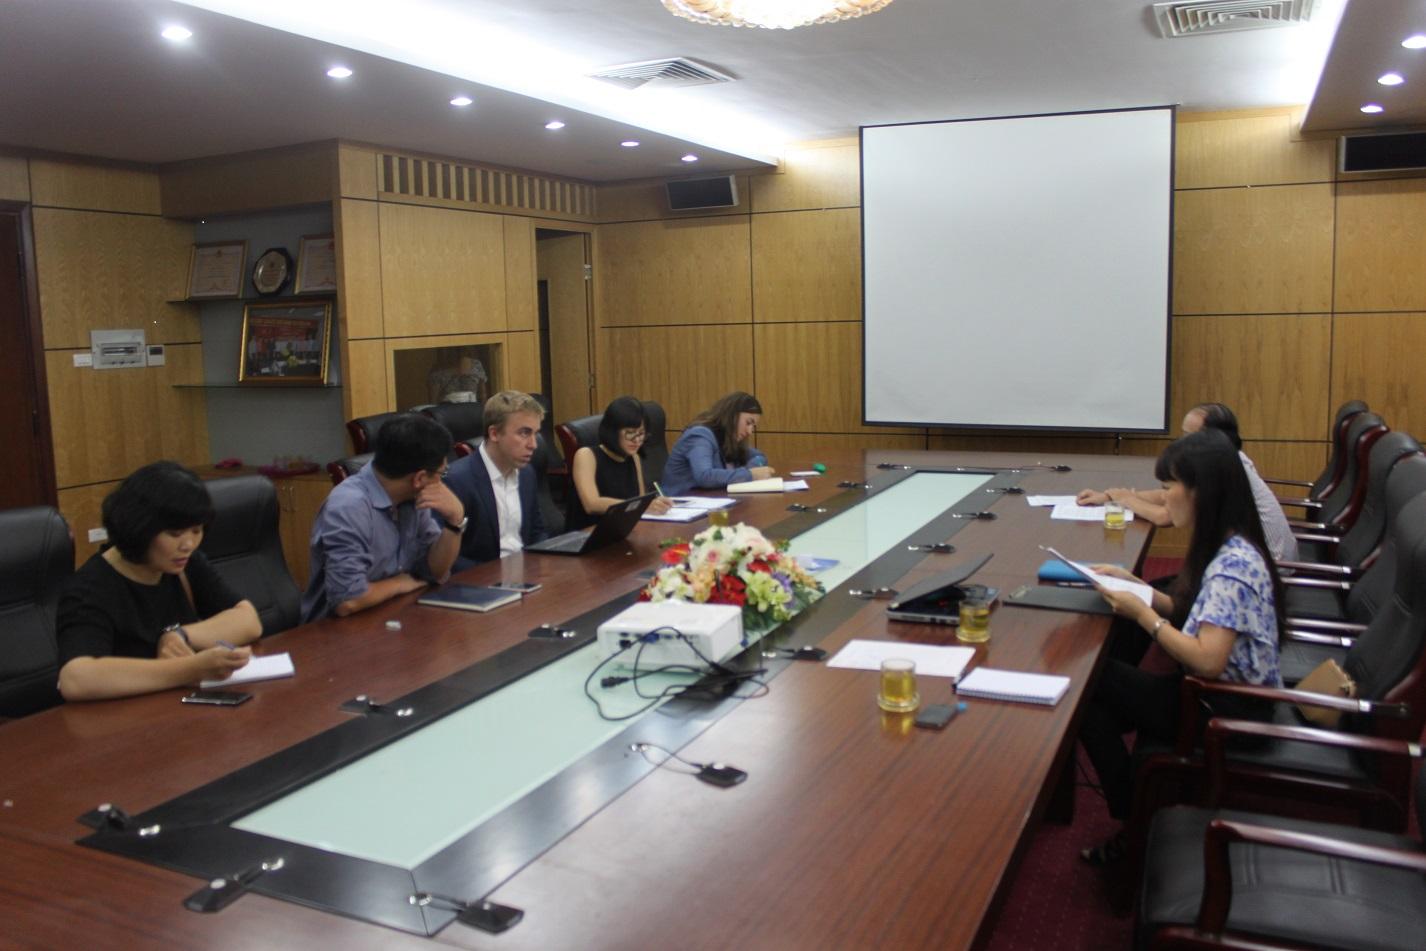 """Tổng cục Quản lý đất đai làm việc với Đoàn chuyên gia Ngân hàng Thế giới về cung cấp thông tin chuẩn bị Dự án """"Phát triển năng lượng mặt trời tại Việt Nam"""""""